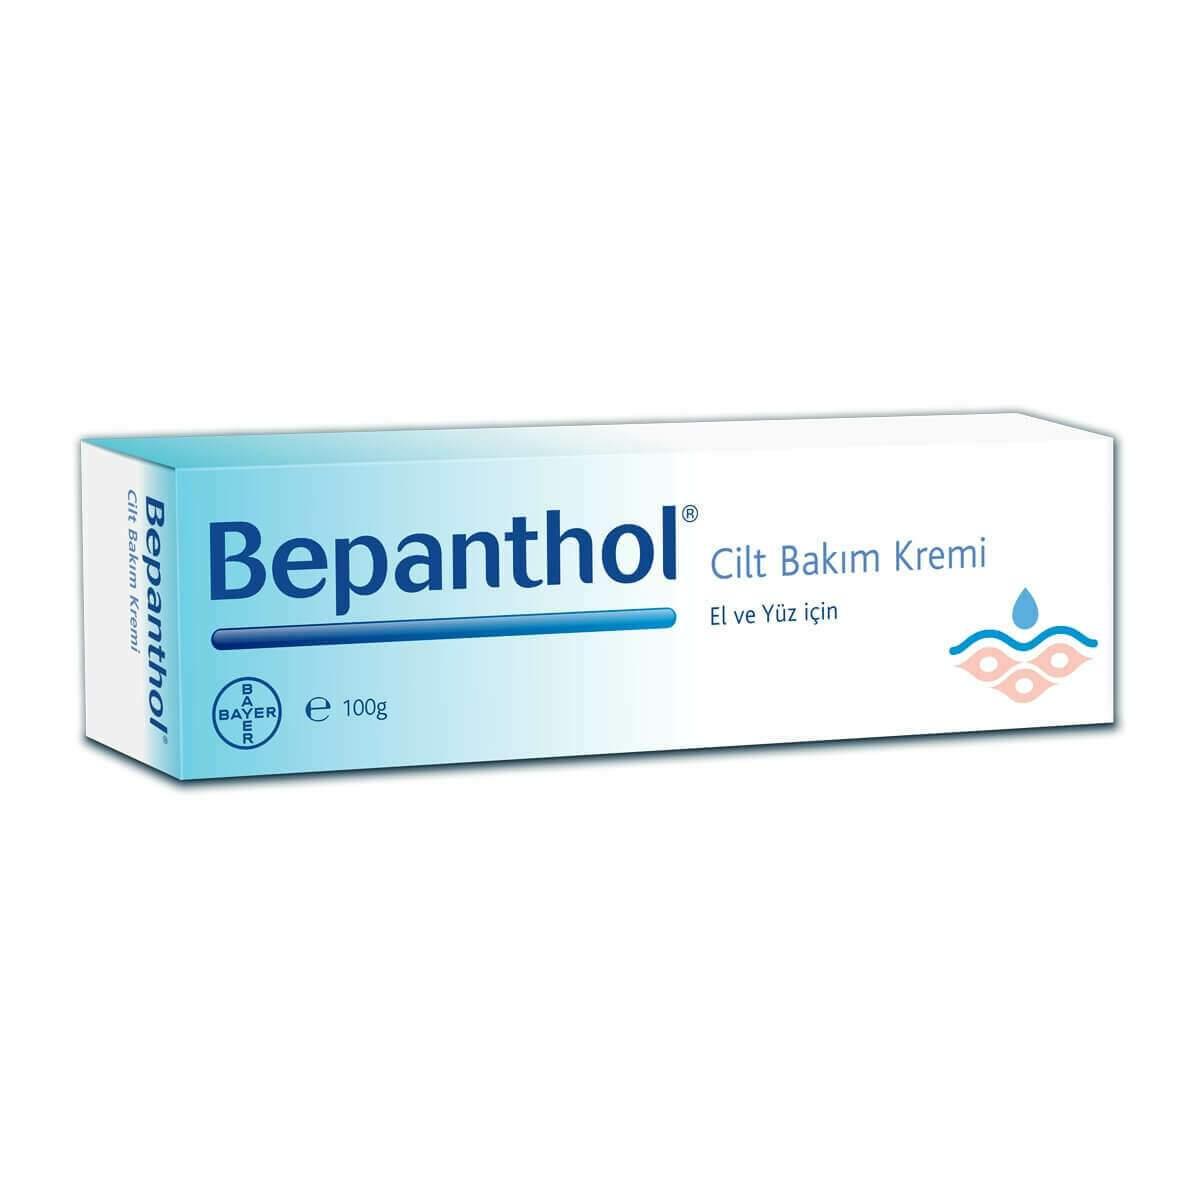 BEPANTHOL CILT BAKIM KREMI 100GR